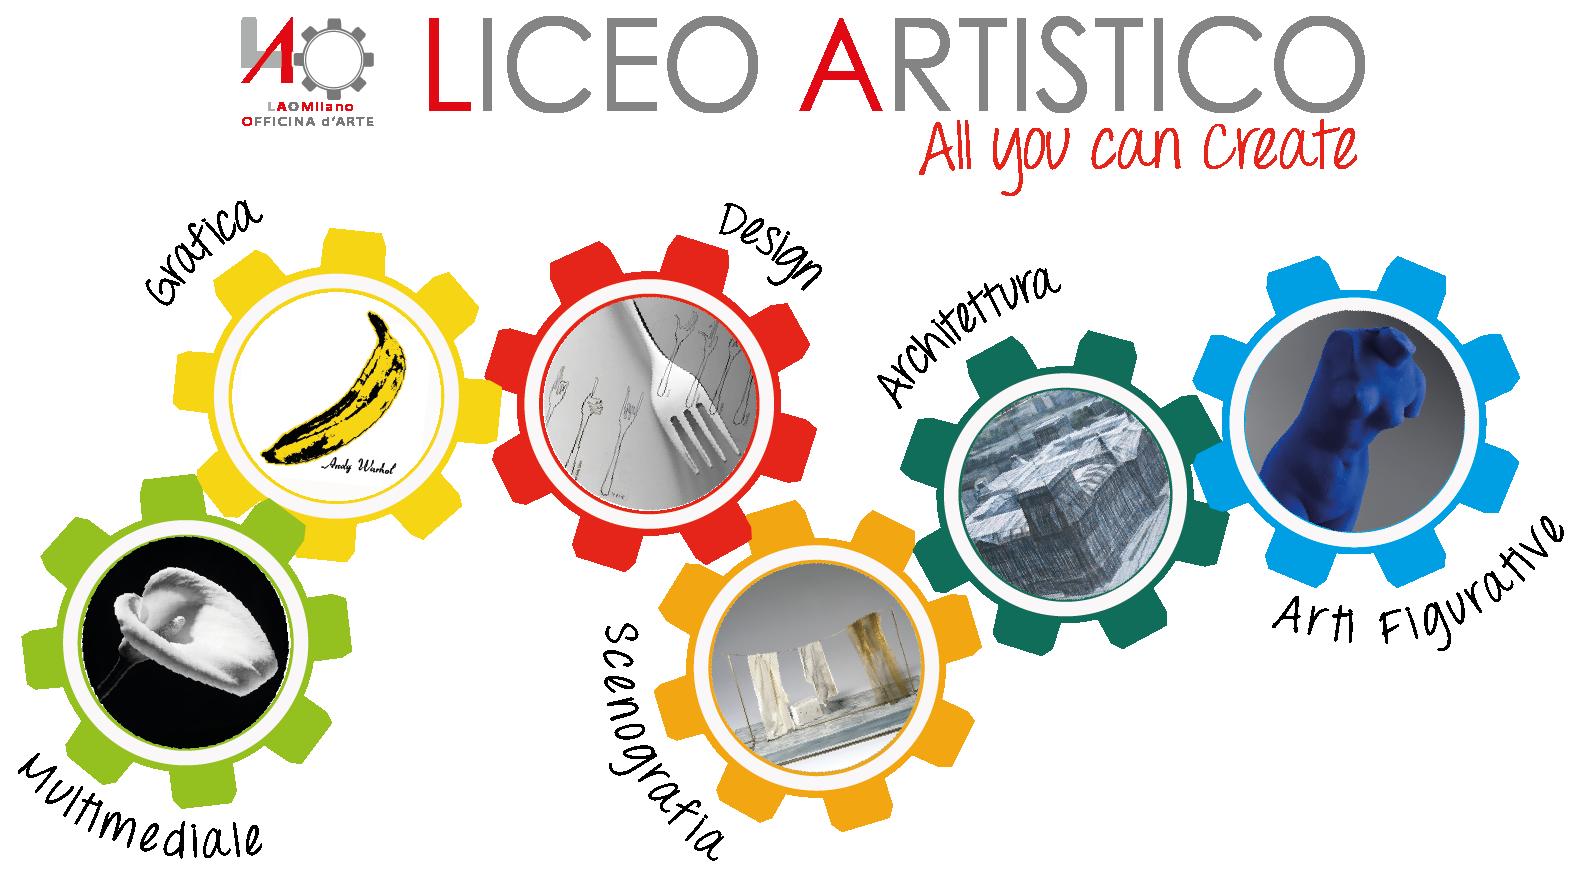 Liceo Artistico L.A.O. Officina d'Arte Milano